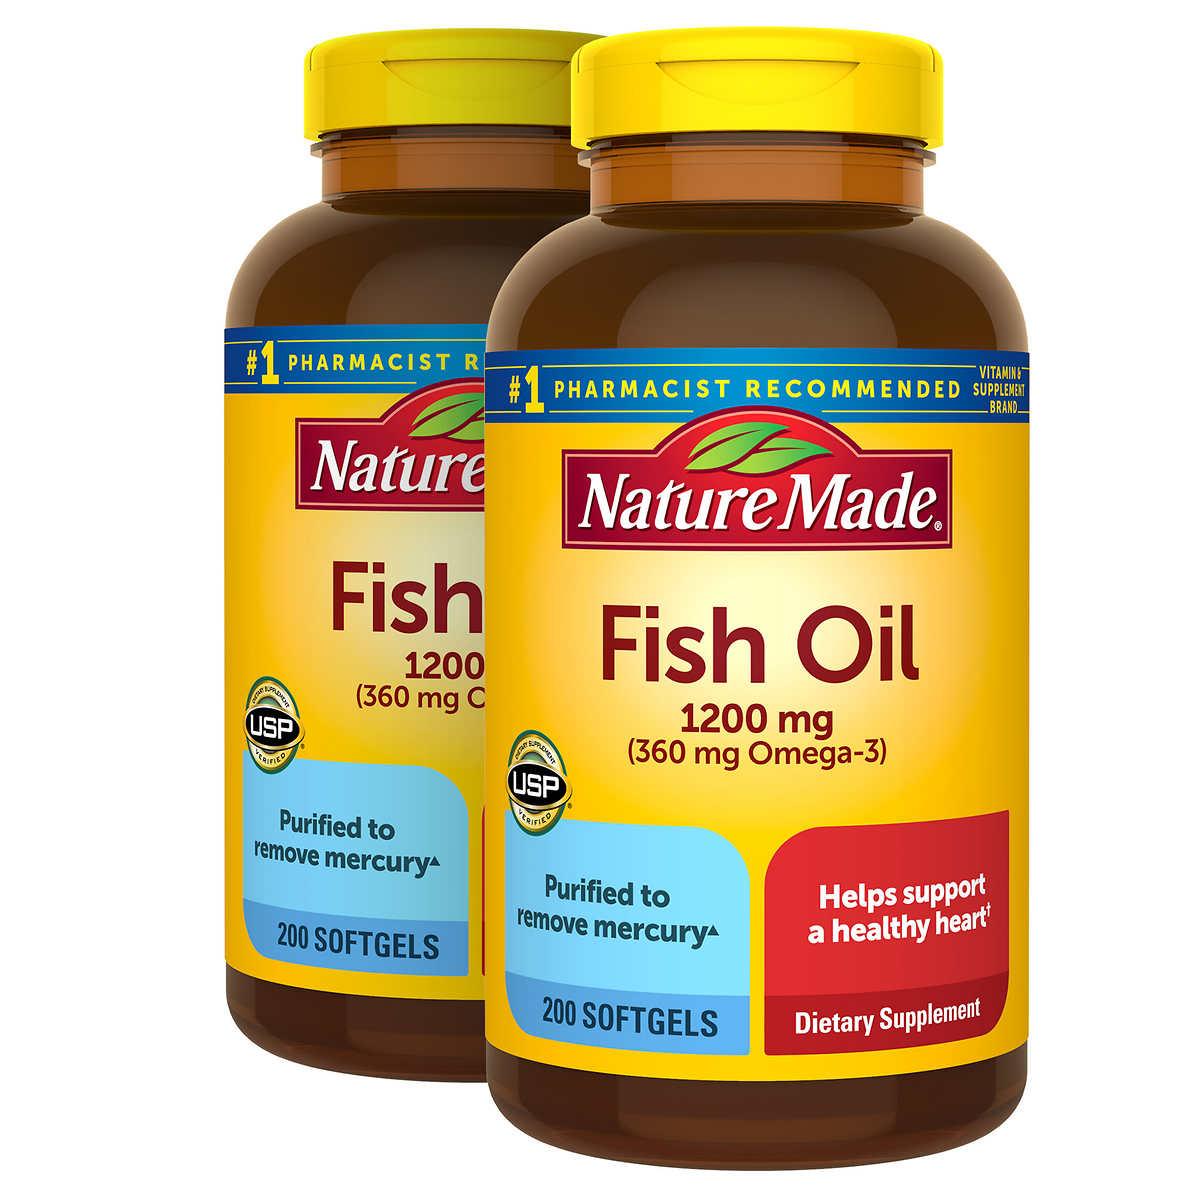 Replica omega 3 fish oil 408inc blog for Nature made fish oil costco